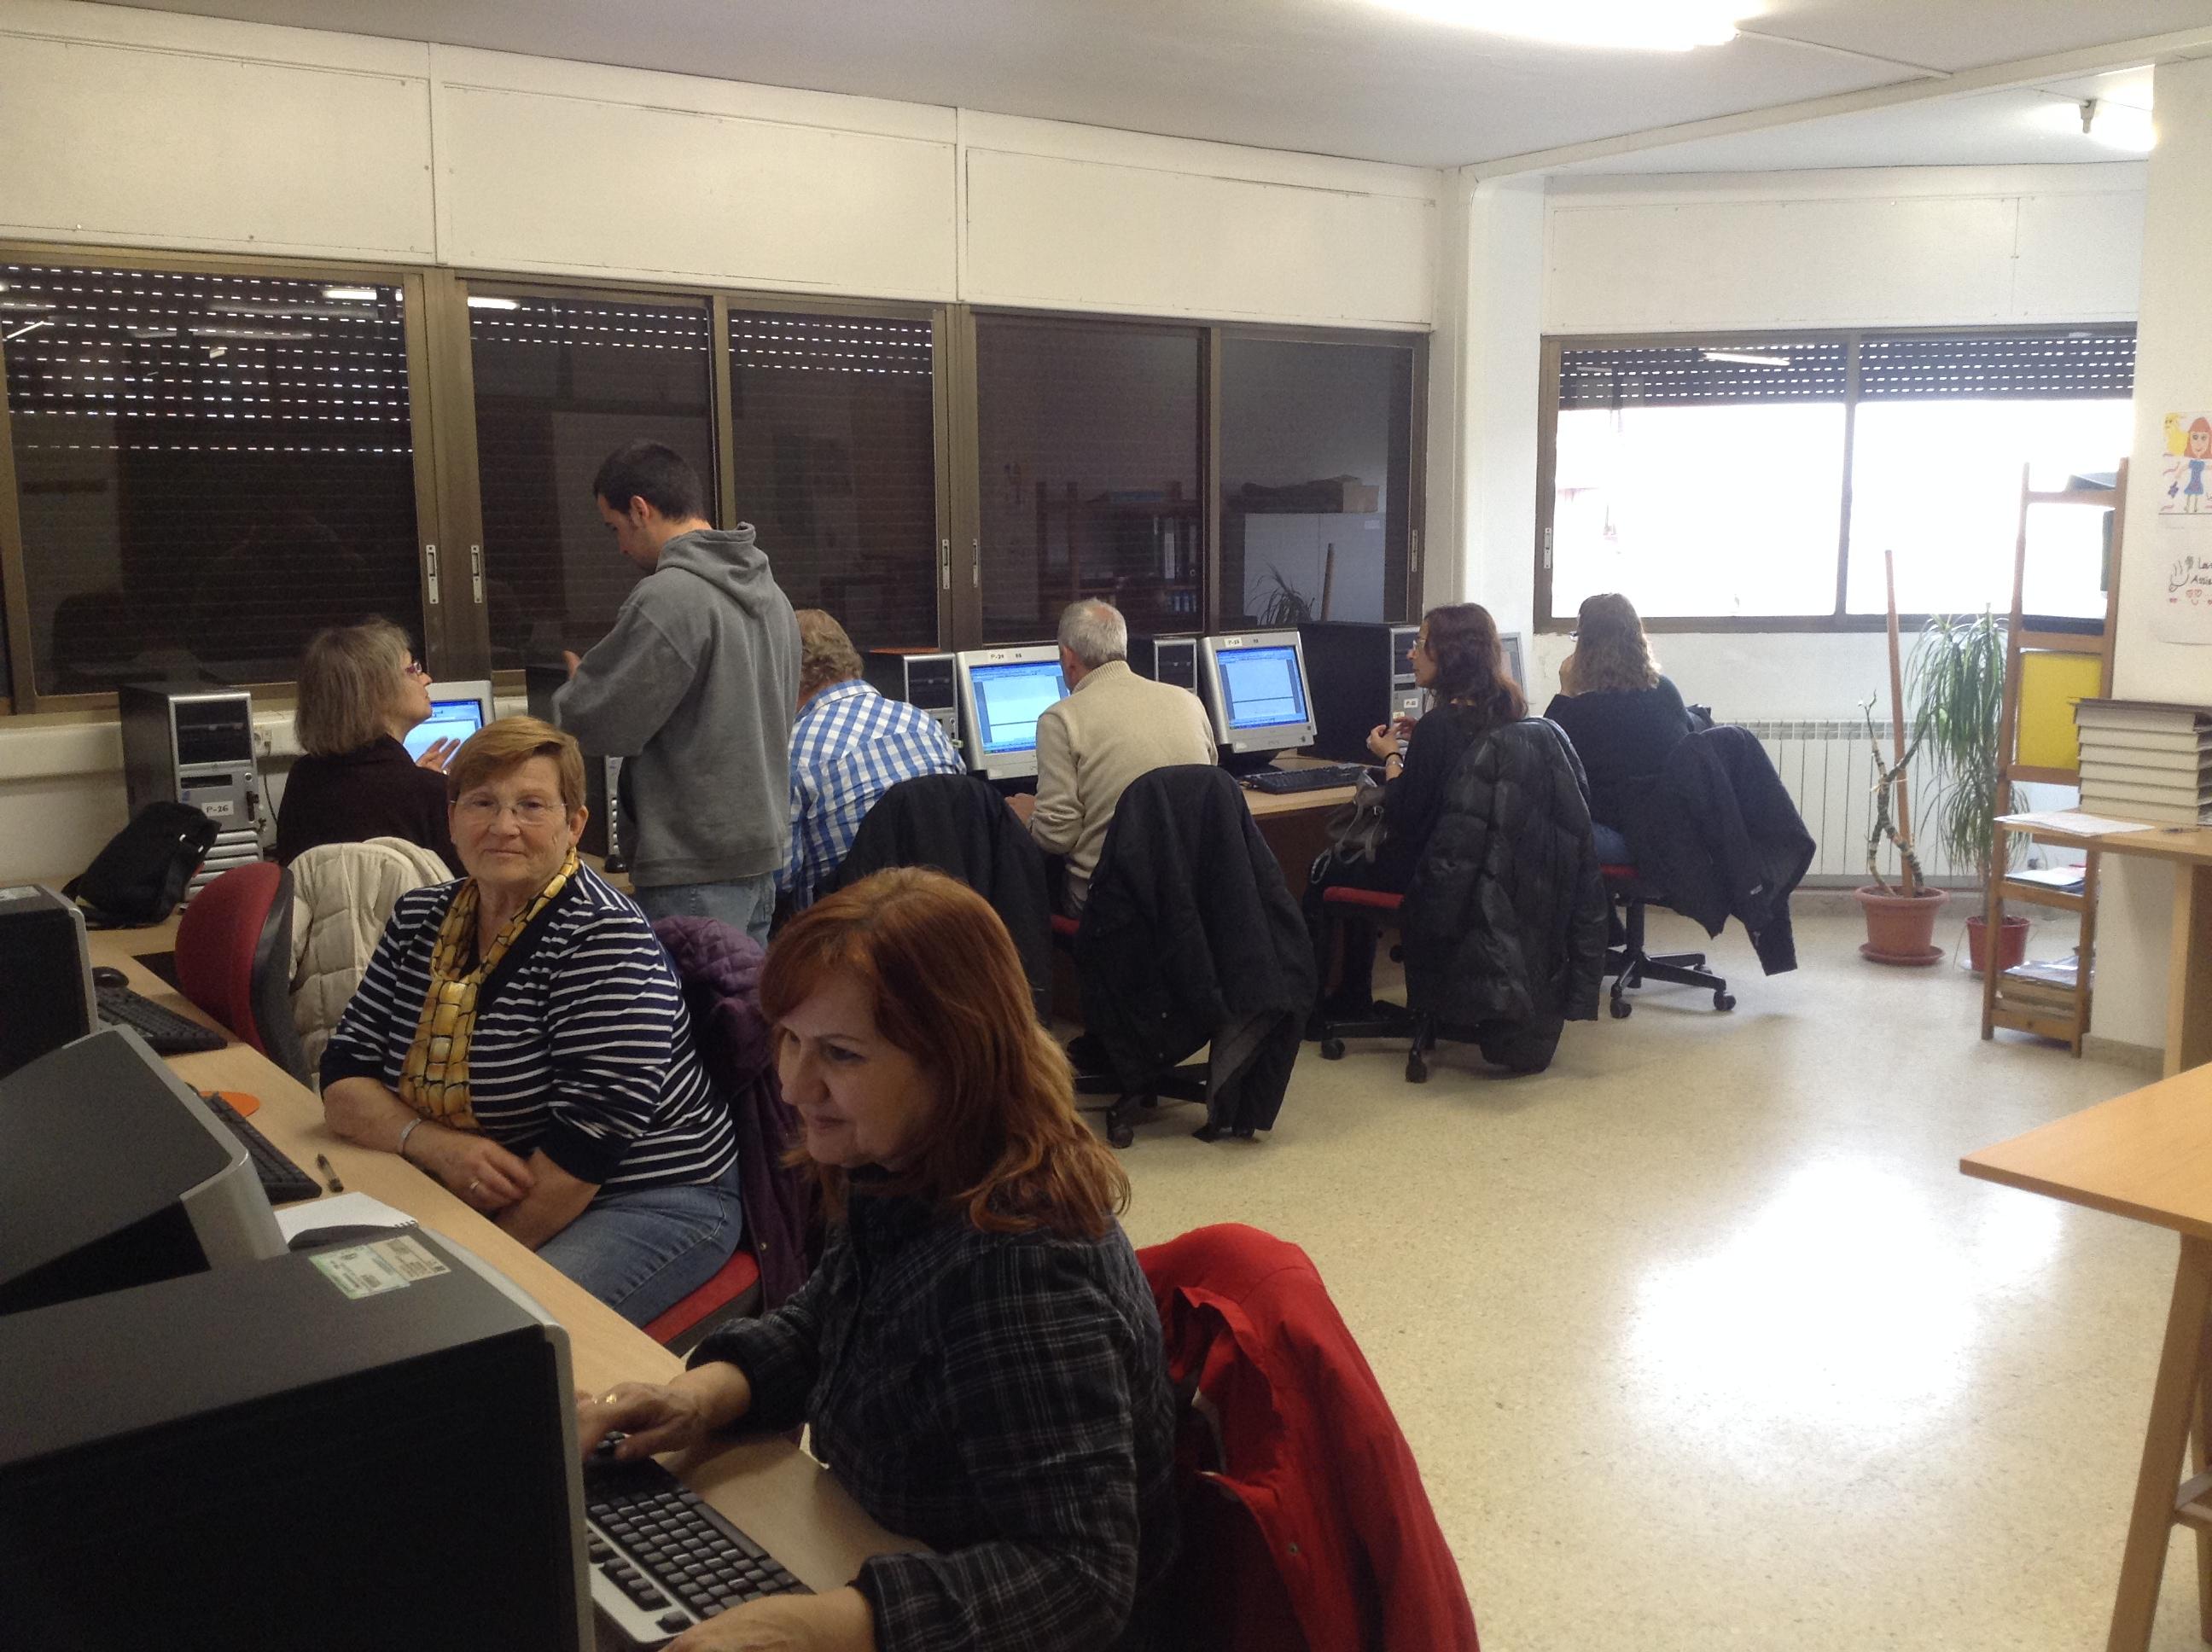 foto curs al PO del CPS Francesc Palau